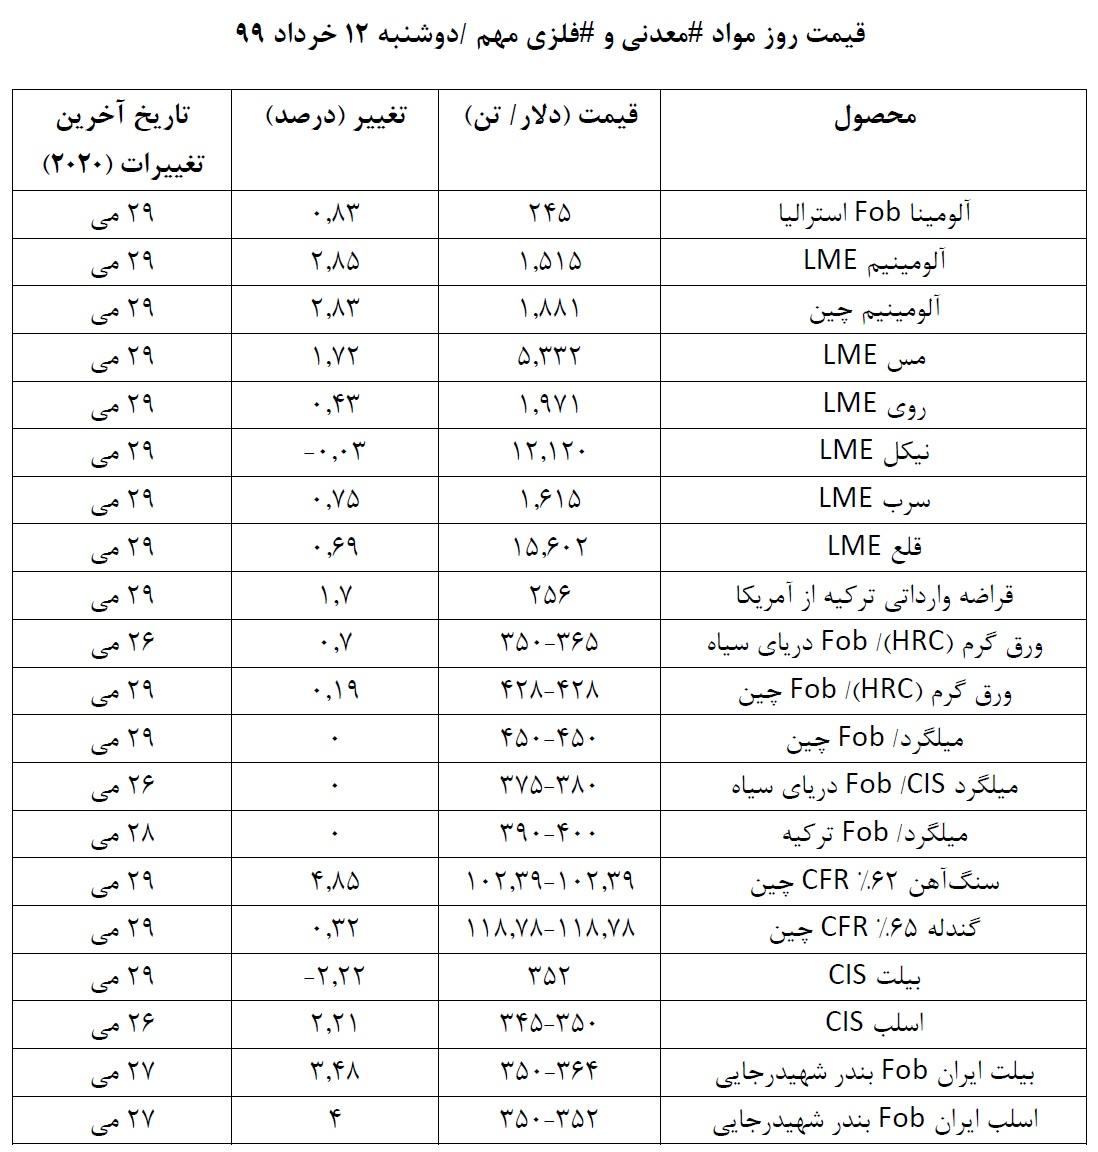 قیمت روز موادمعدنی و فلزی در روز دوشنبه 12 خرداد 99/ نگاهی به روند قیمت ها در هفته ای که گذشت